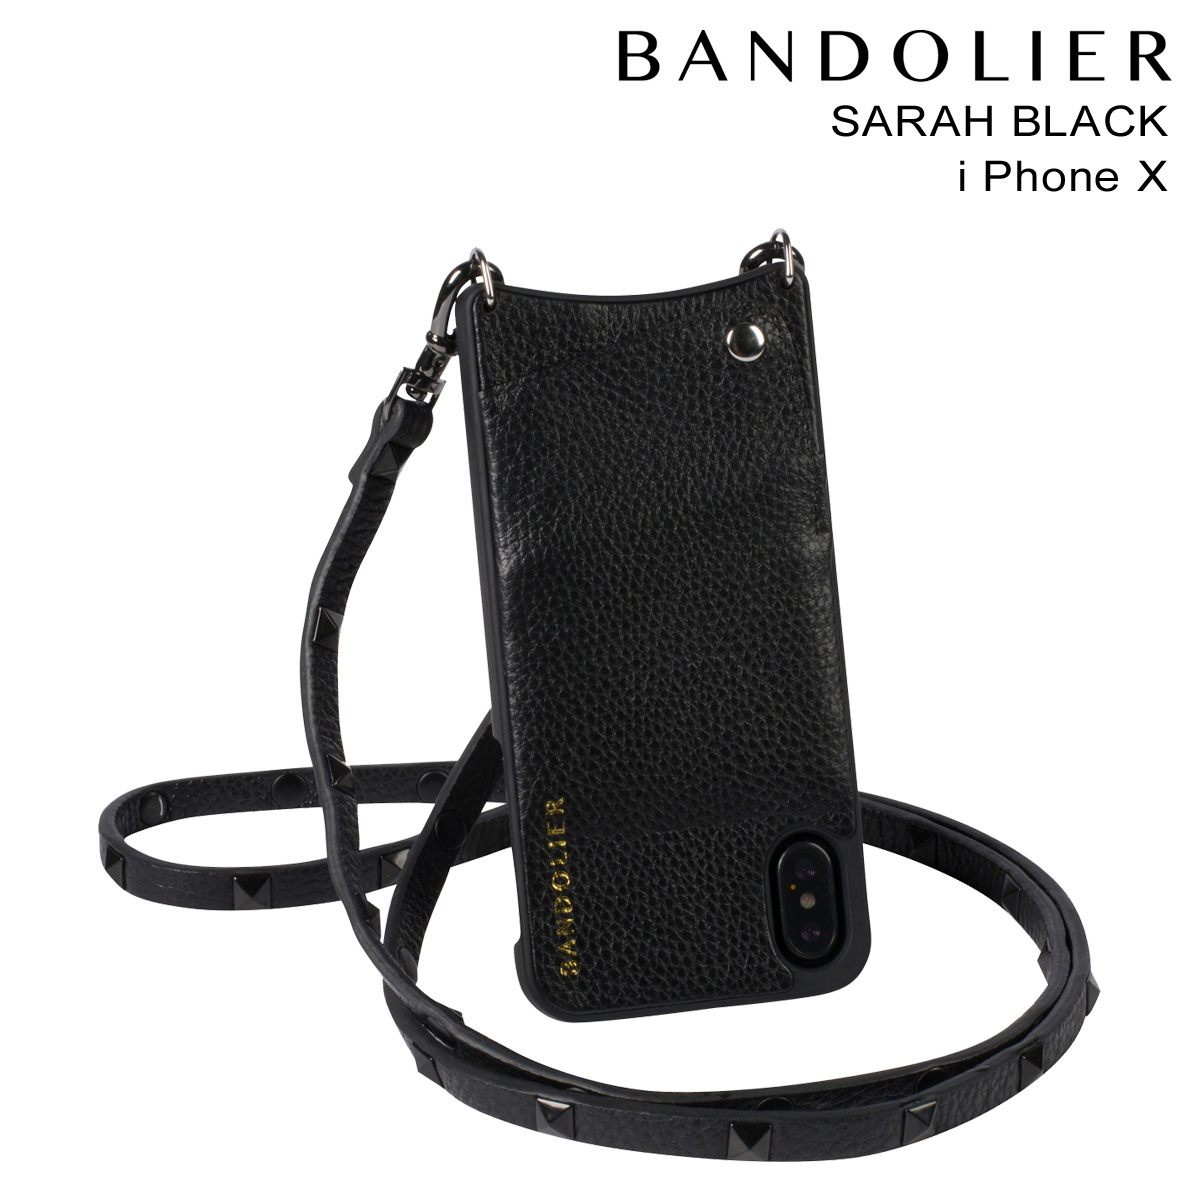 BANDOLIER SARAH BLACK バンドリヤー iPhoneX ケース スマホ アイフォン レザー メンズ レディース [191]